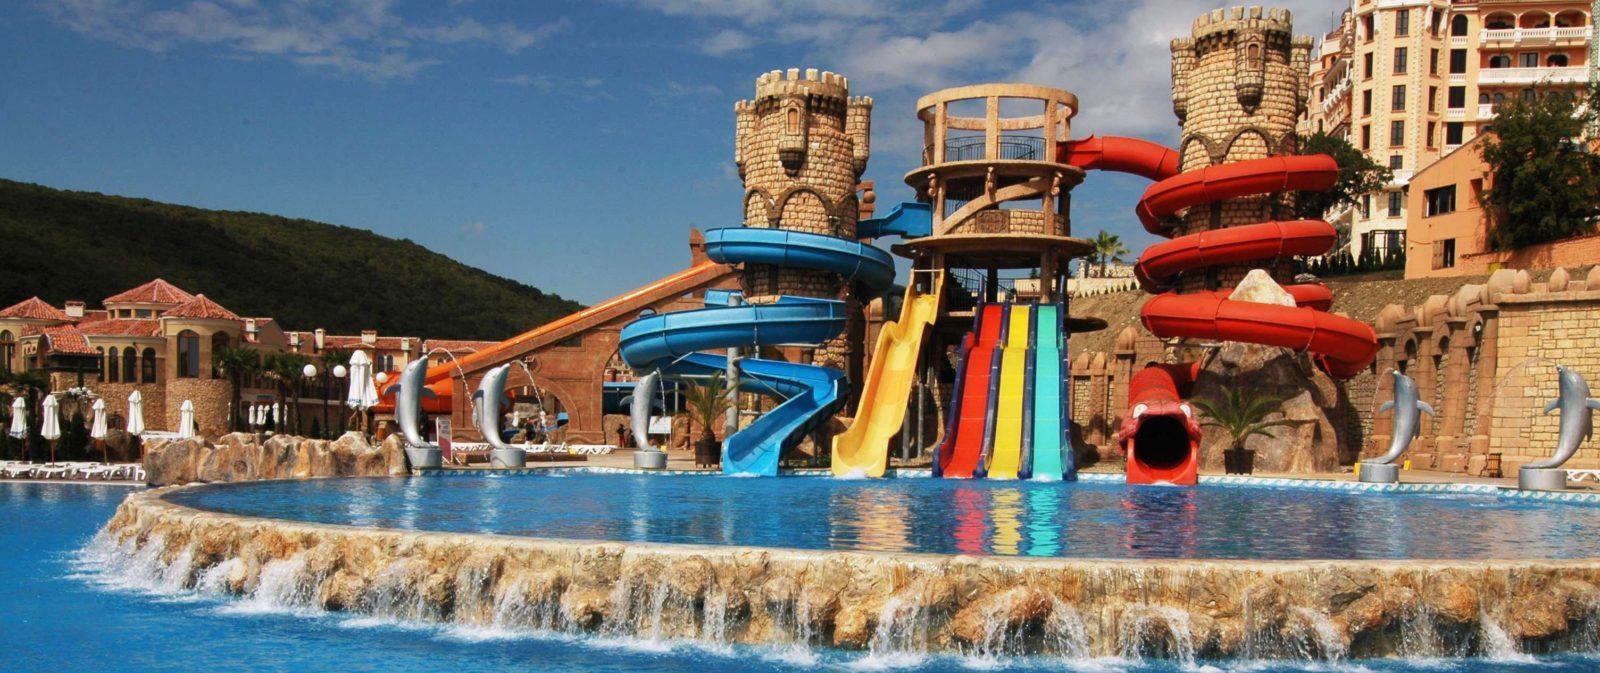 аквапарк бургас болгария